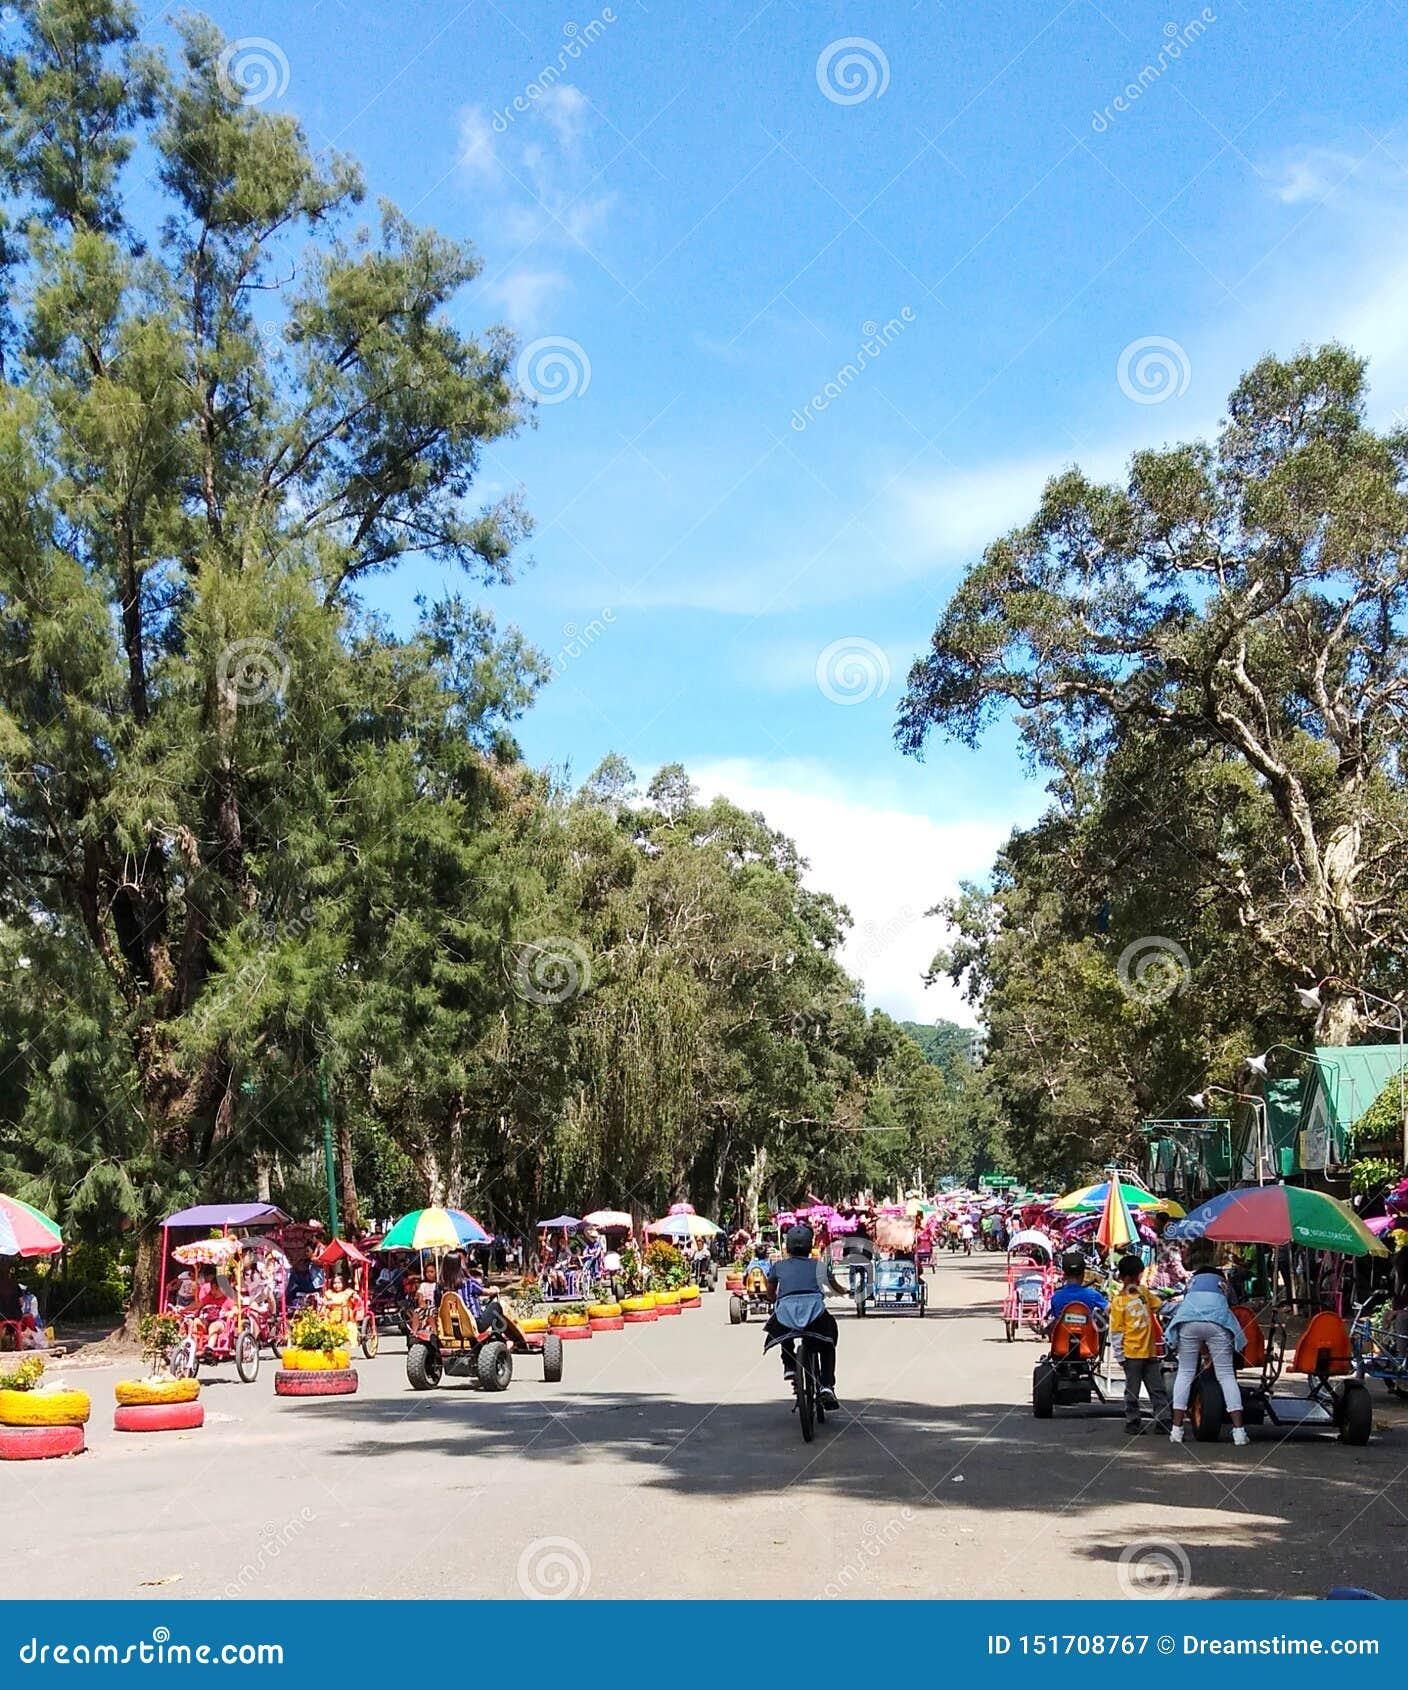 Un bello giorno a Burnham Park in Baguio City Bambini che prendono un giro della bici